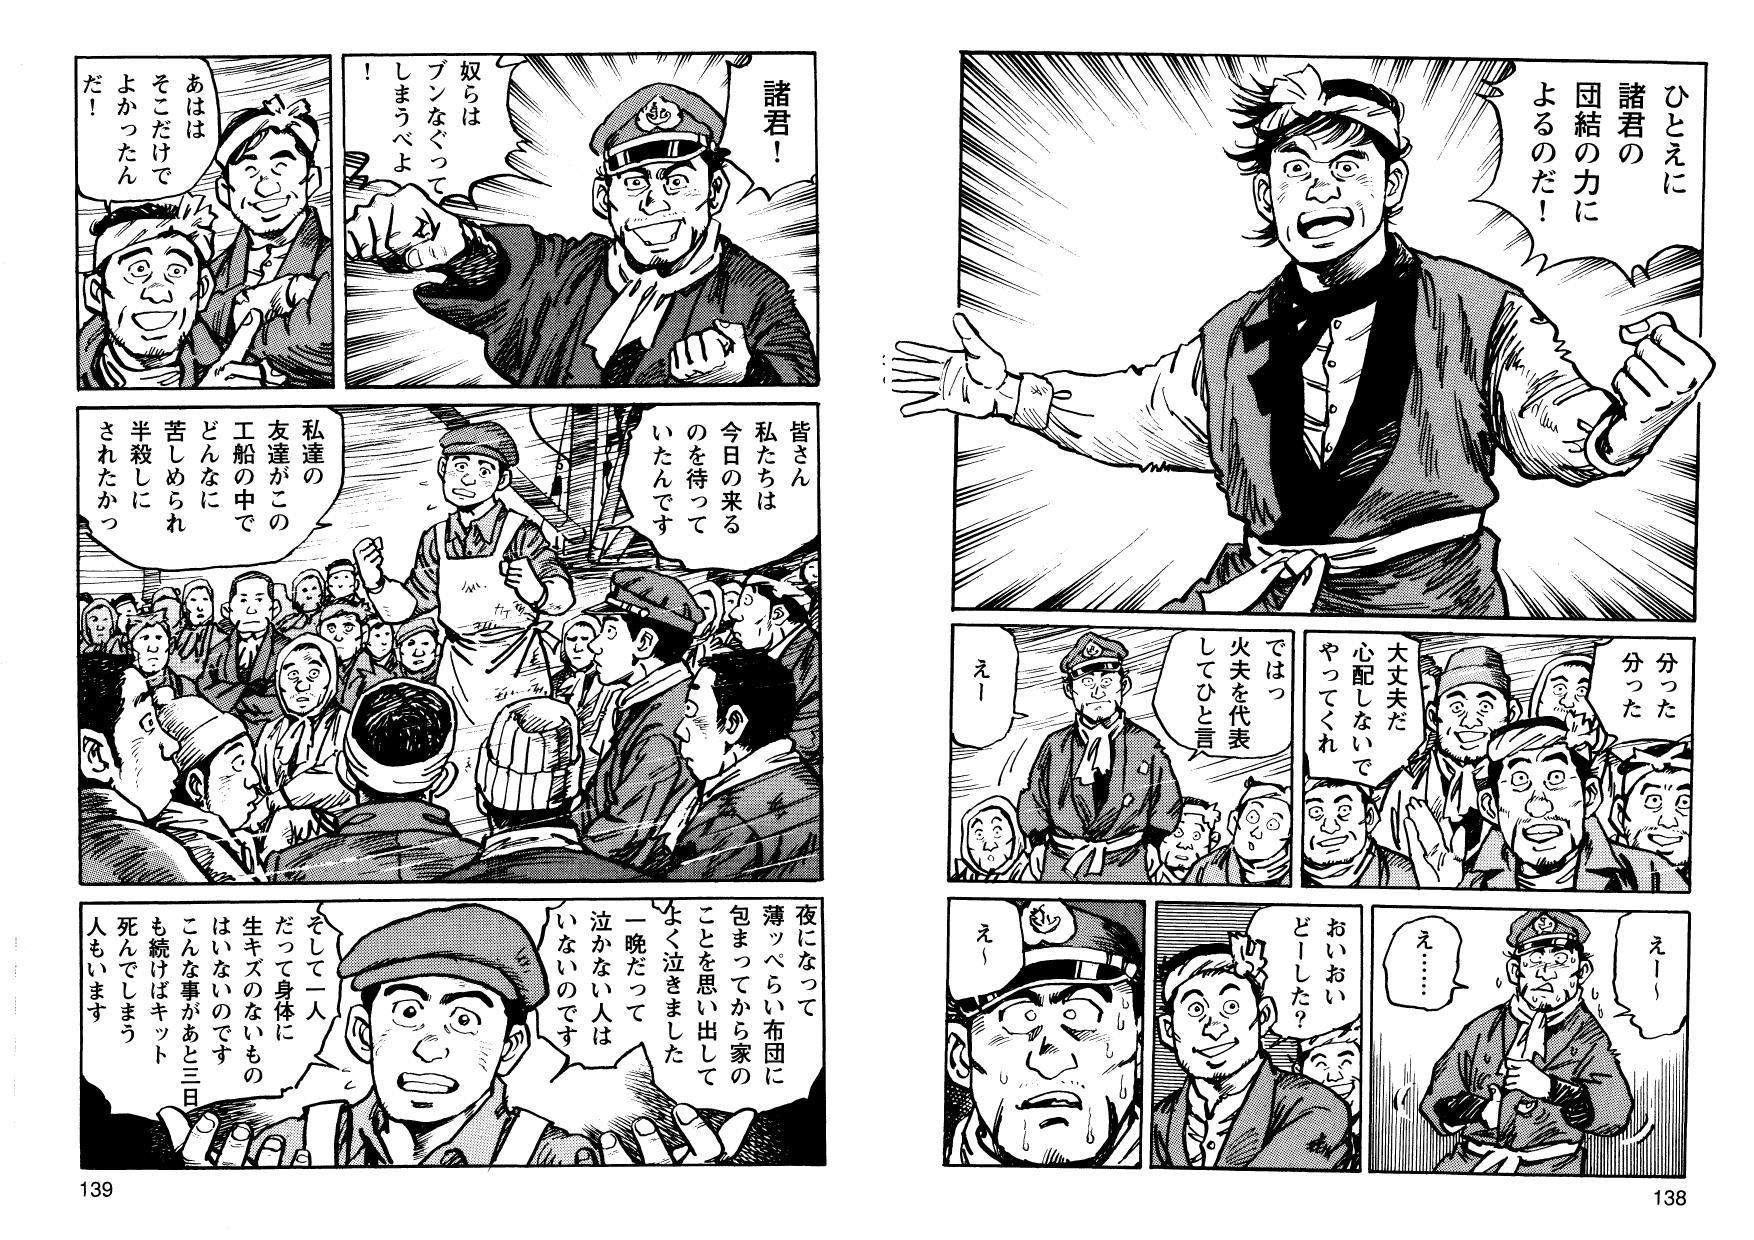 kani_cmc_000070.jpg